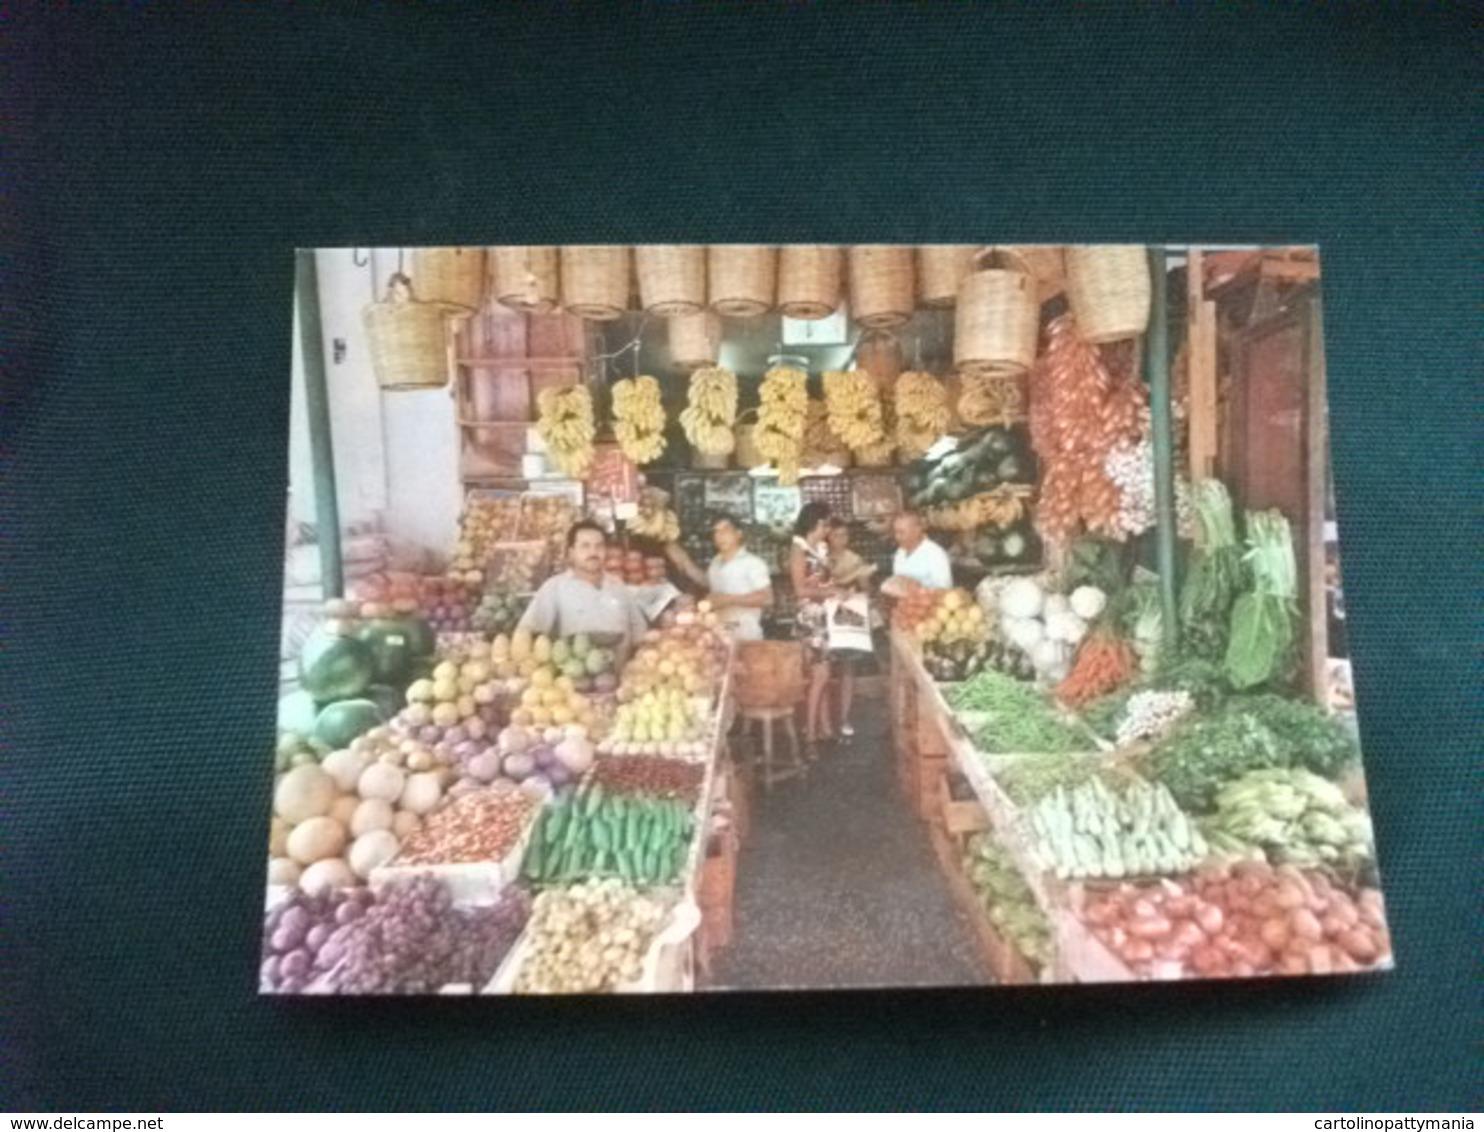 LIBANO LEBANON LIBAN BEIRUT BEYROUTH UN MAGAZIN DE FRUIS A FRUIT STORE FRUTTIVENDOLO - Negozi